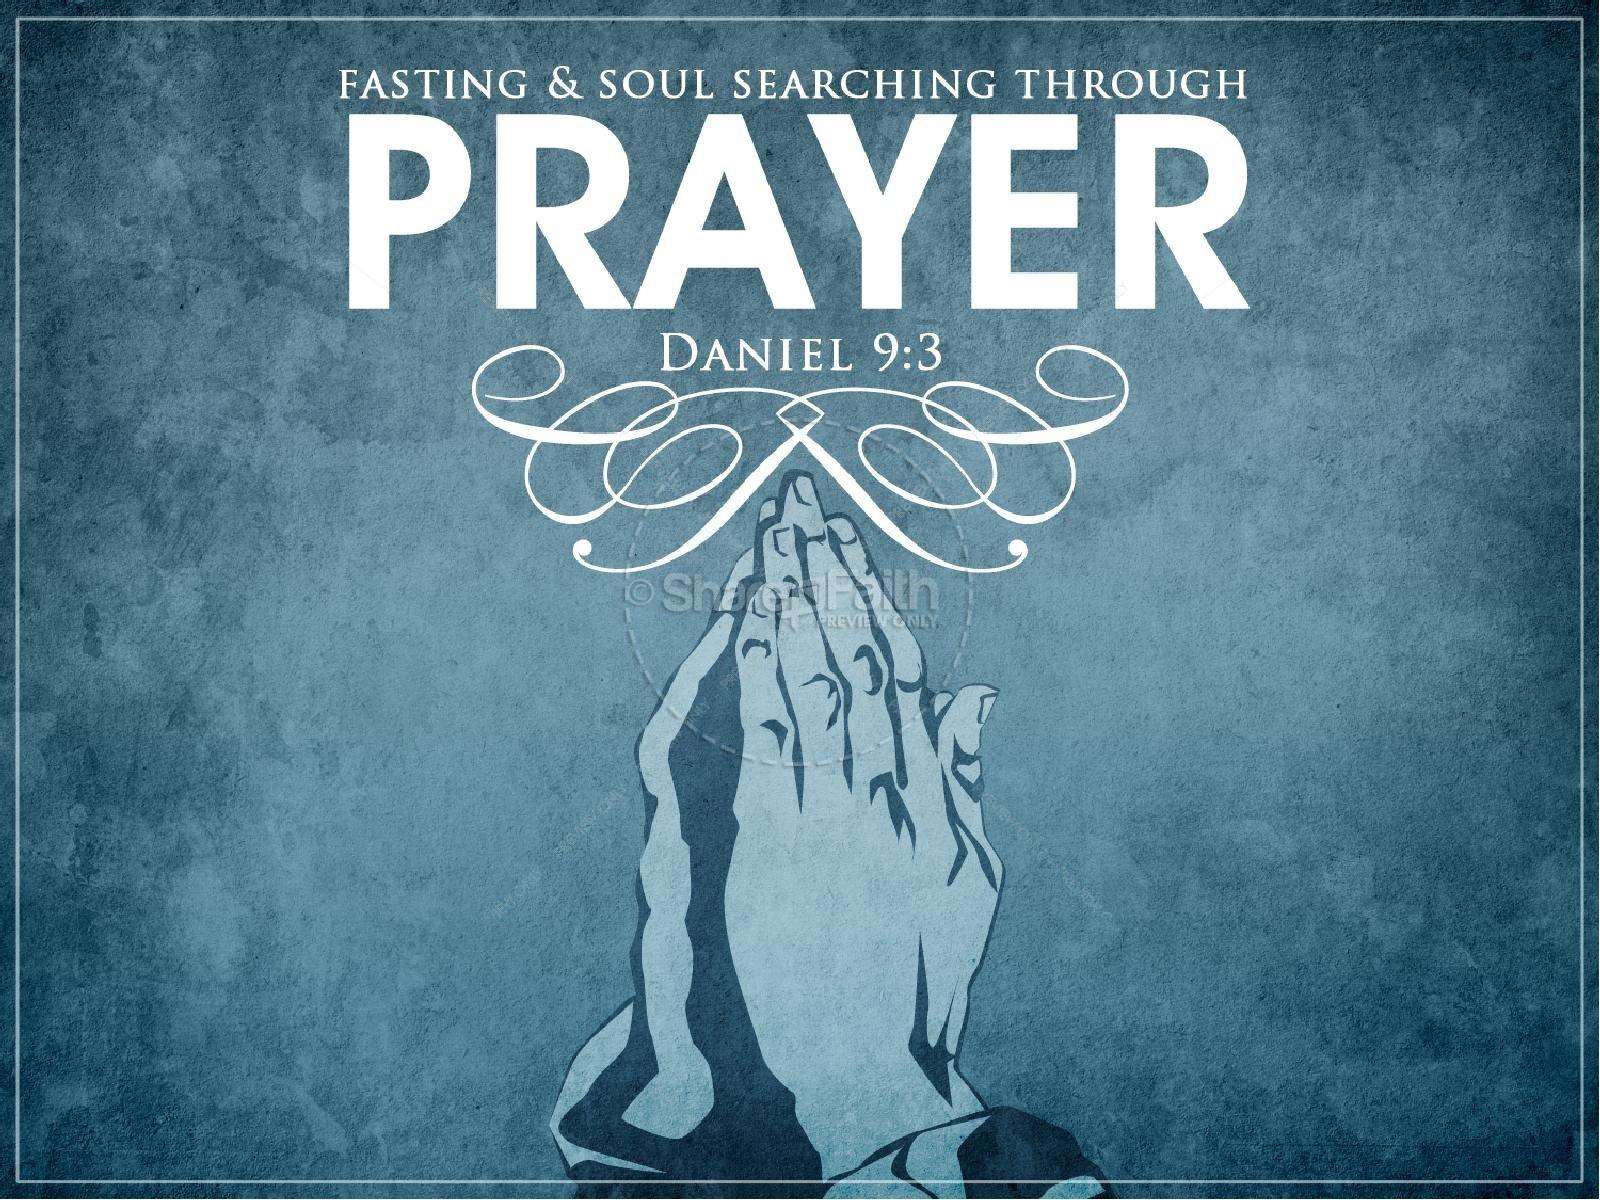 Prayer Bulletin Cover | Communion Prayer Bulletin Covers - Free Printable Church Bulletin Covers